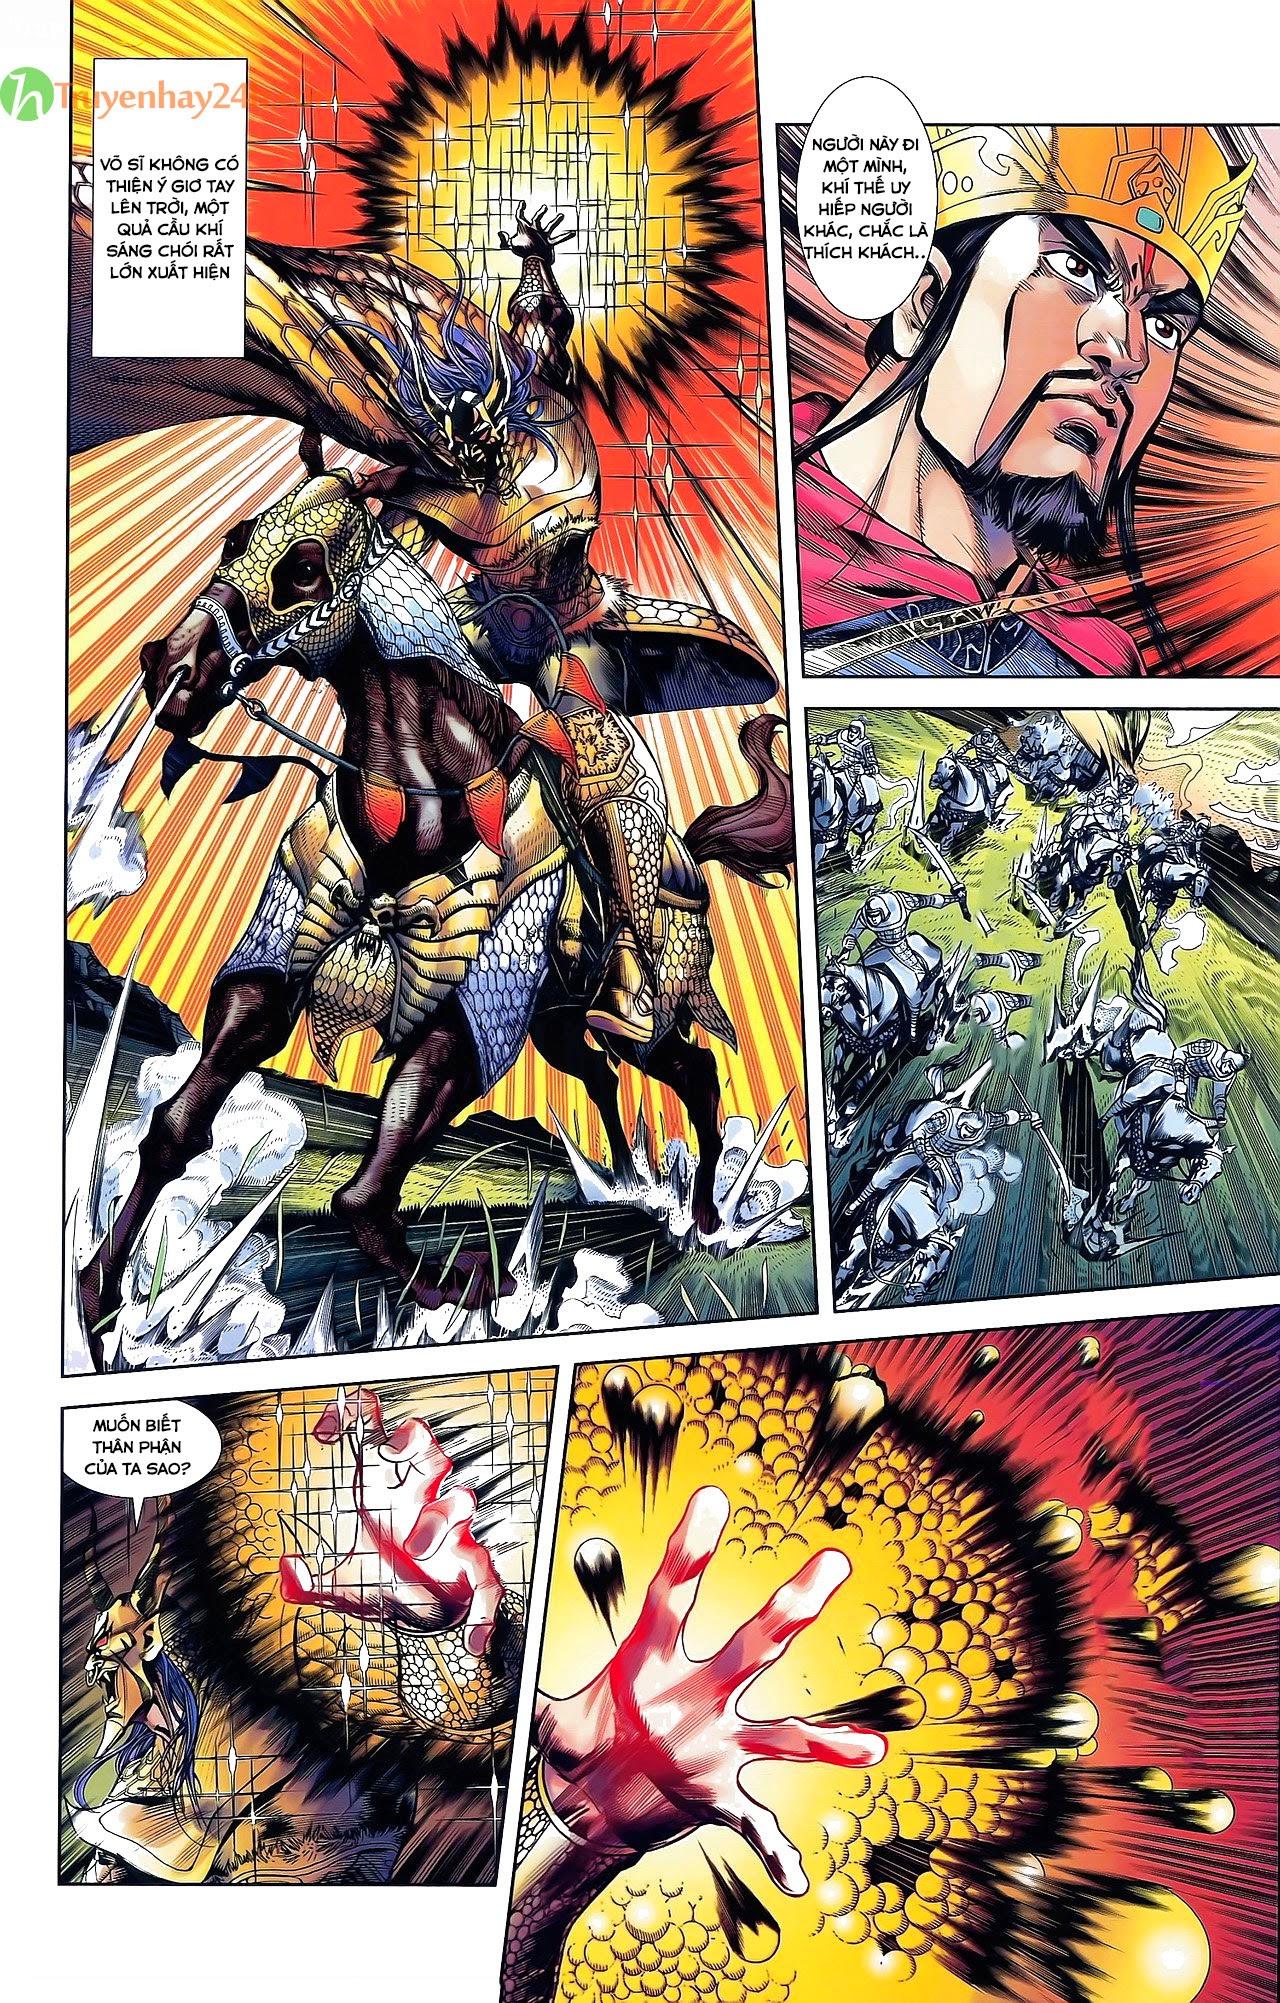 Tần Vương Doanh Chính chapter 31 trang 3